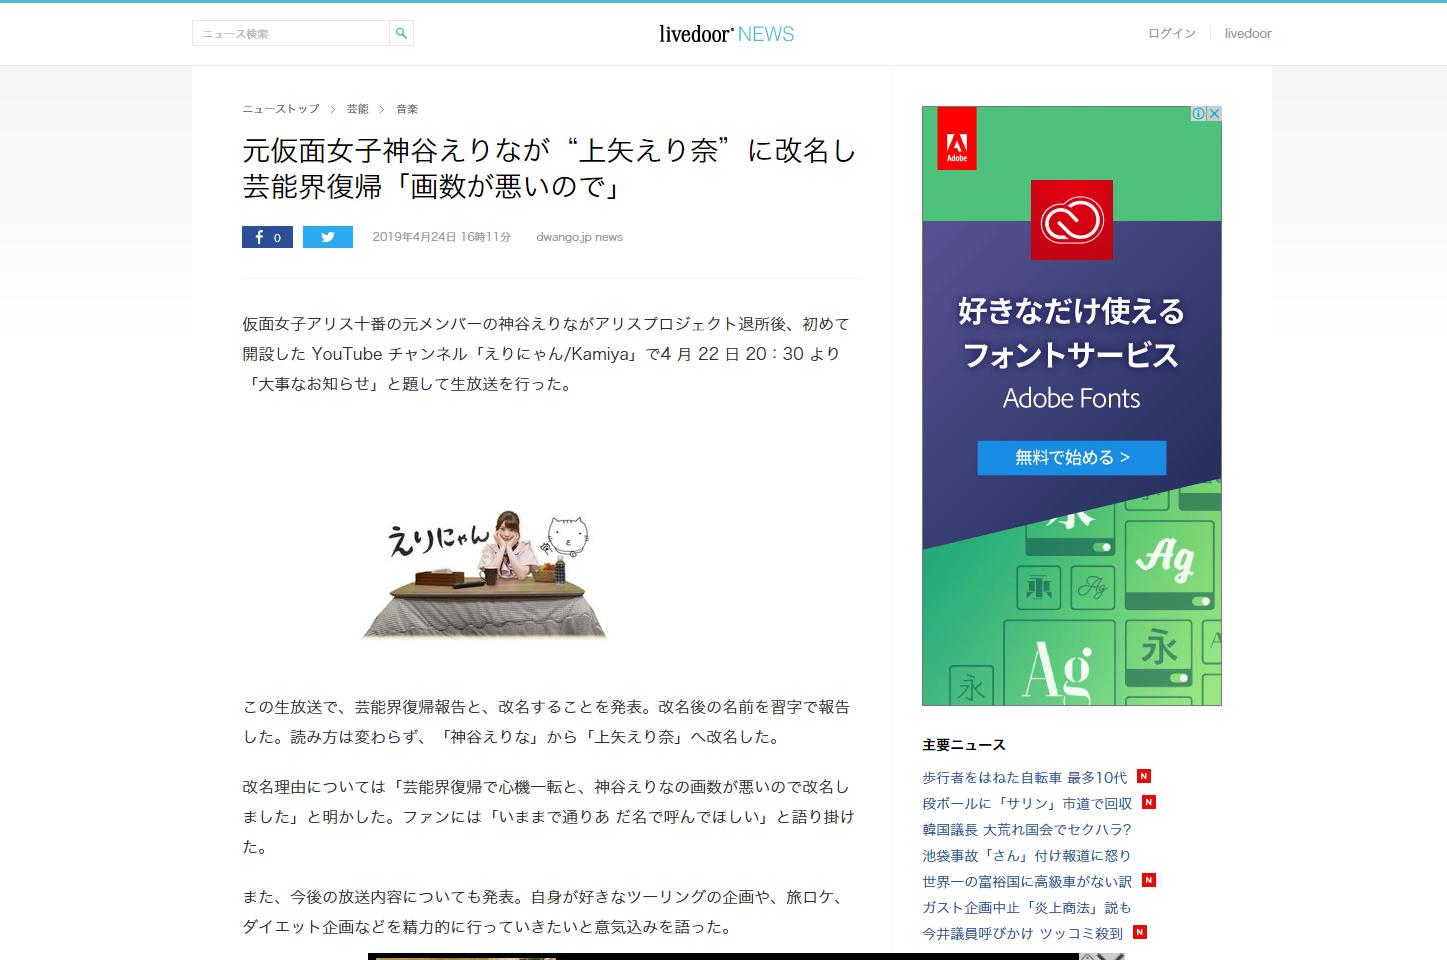 ネタりか (Yahoo! JAPAN)